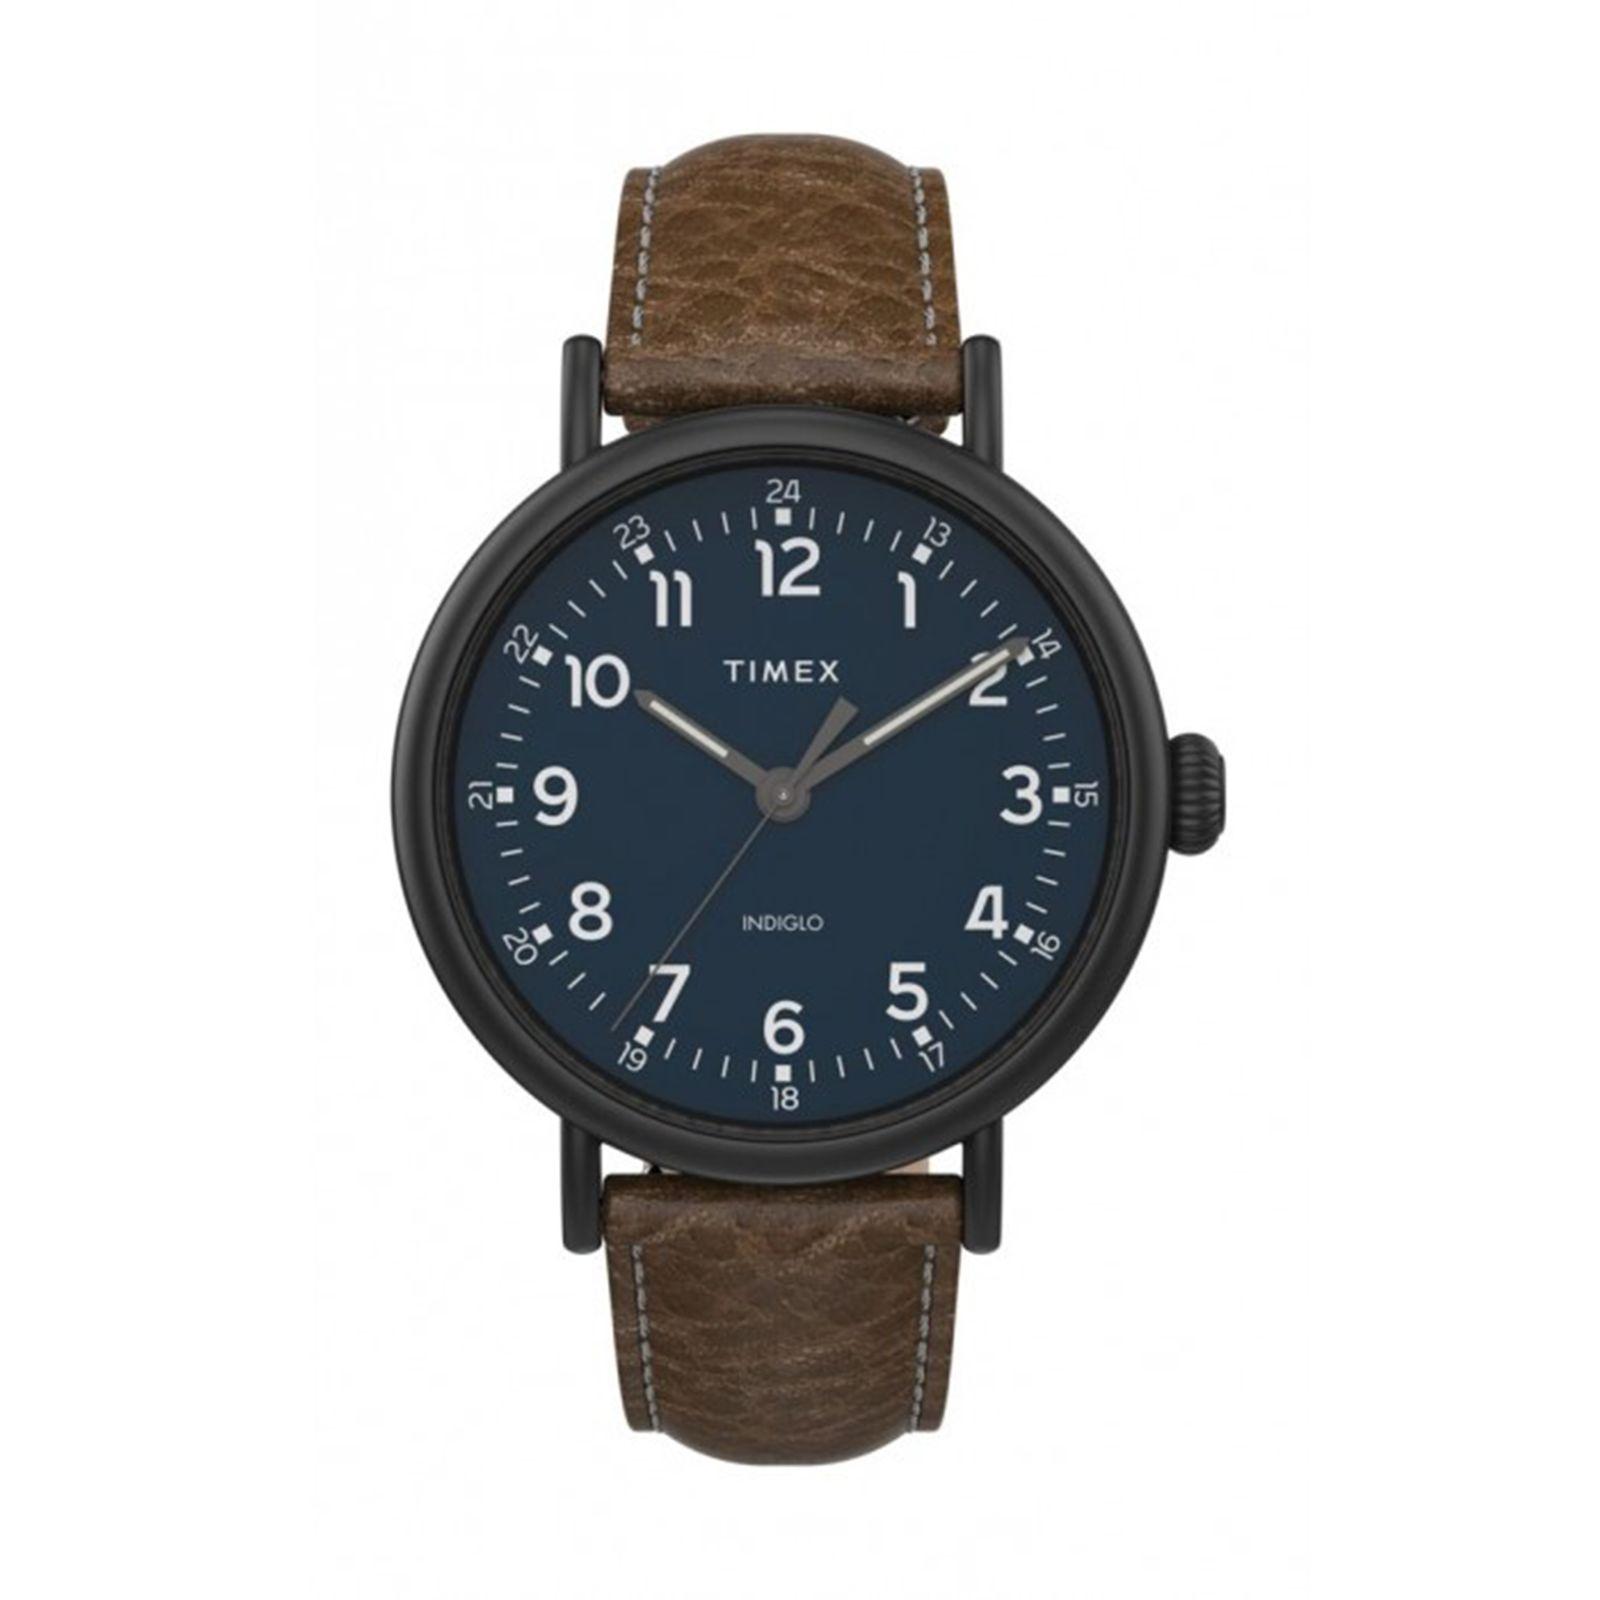 ساعت مچی عقربه ای مردانه تایمکس مدل TW2T90800 -  - 1